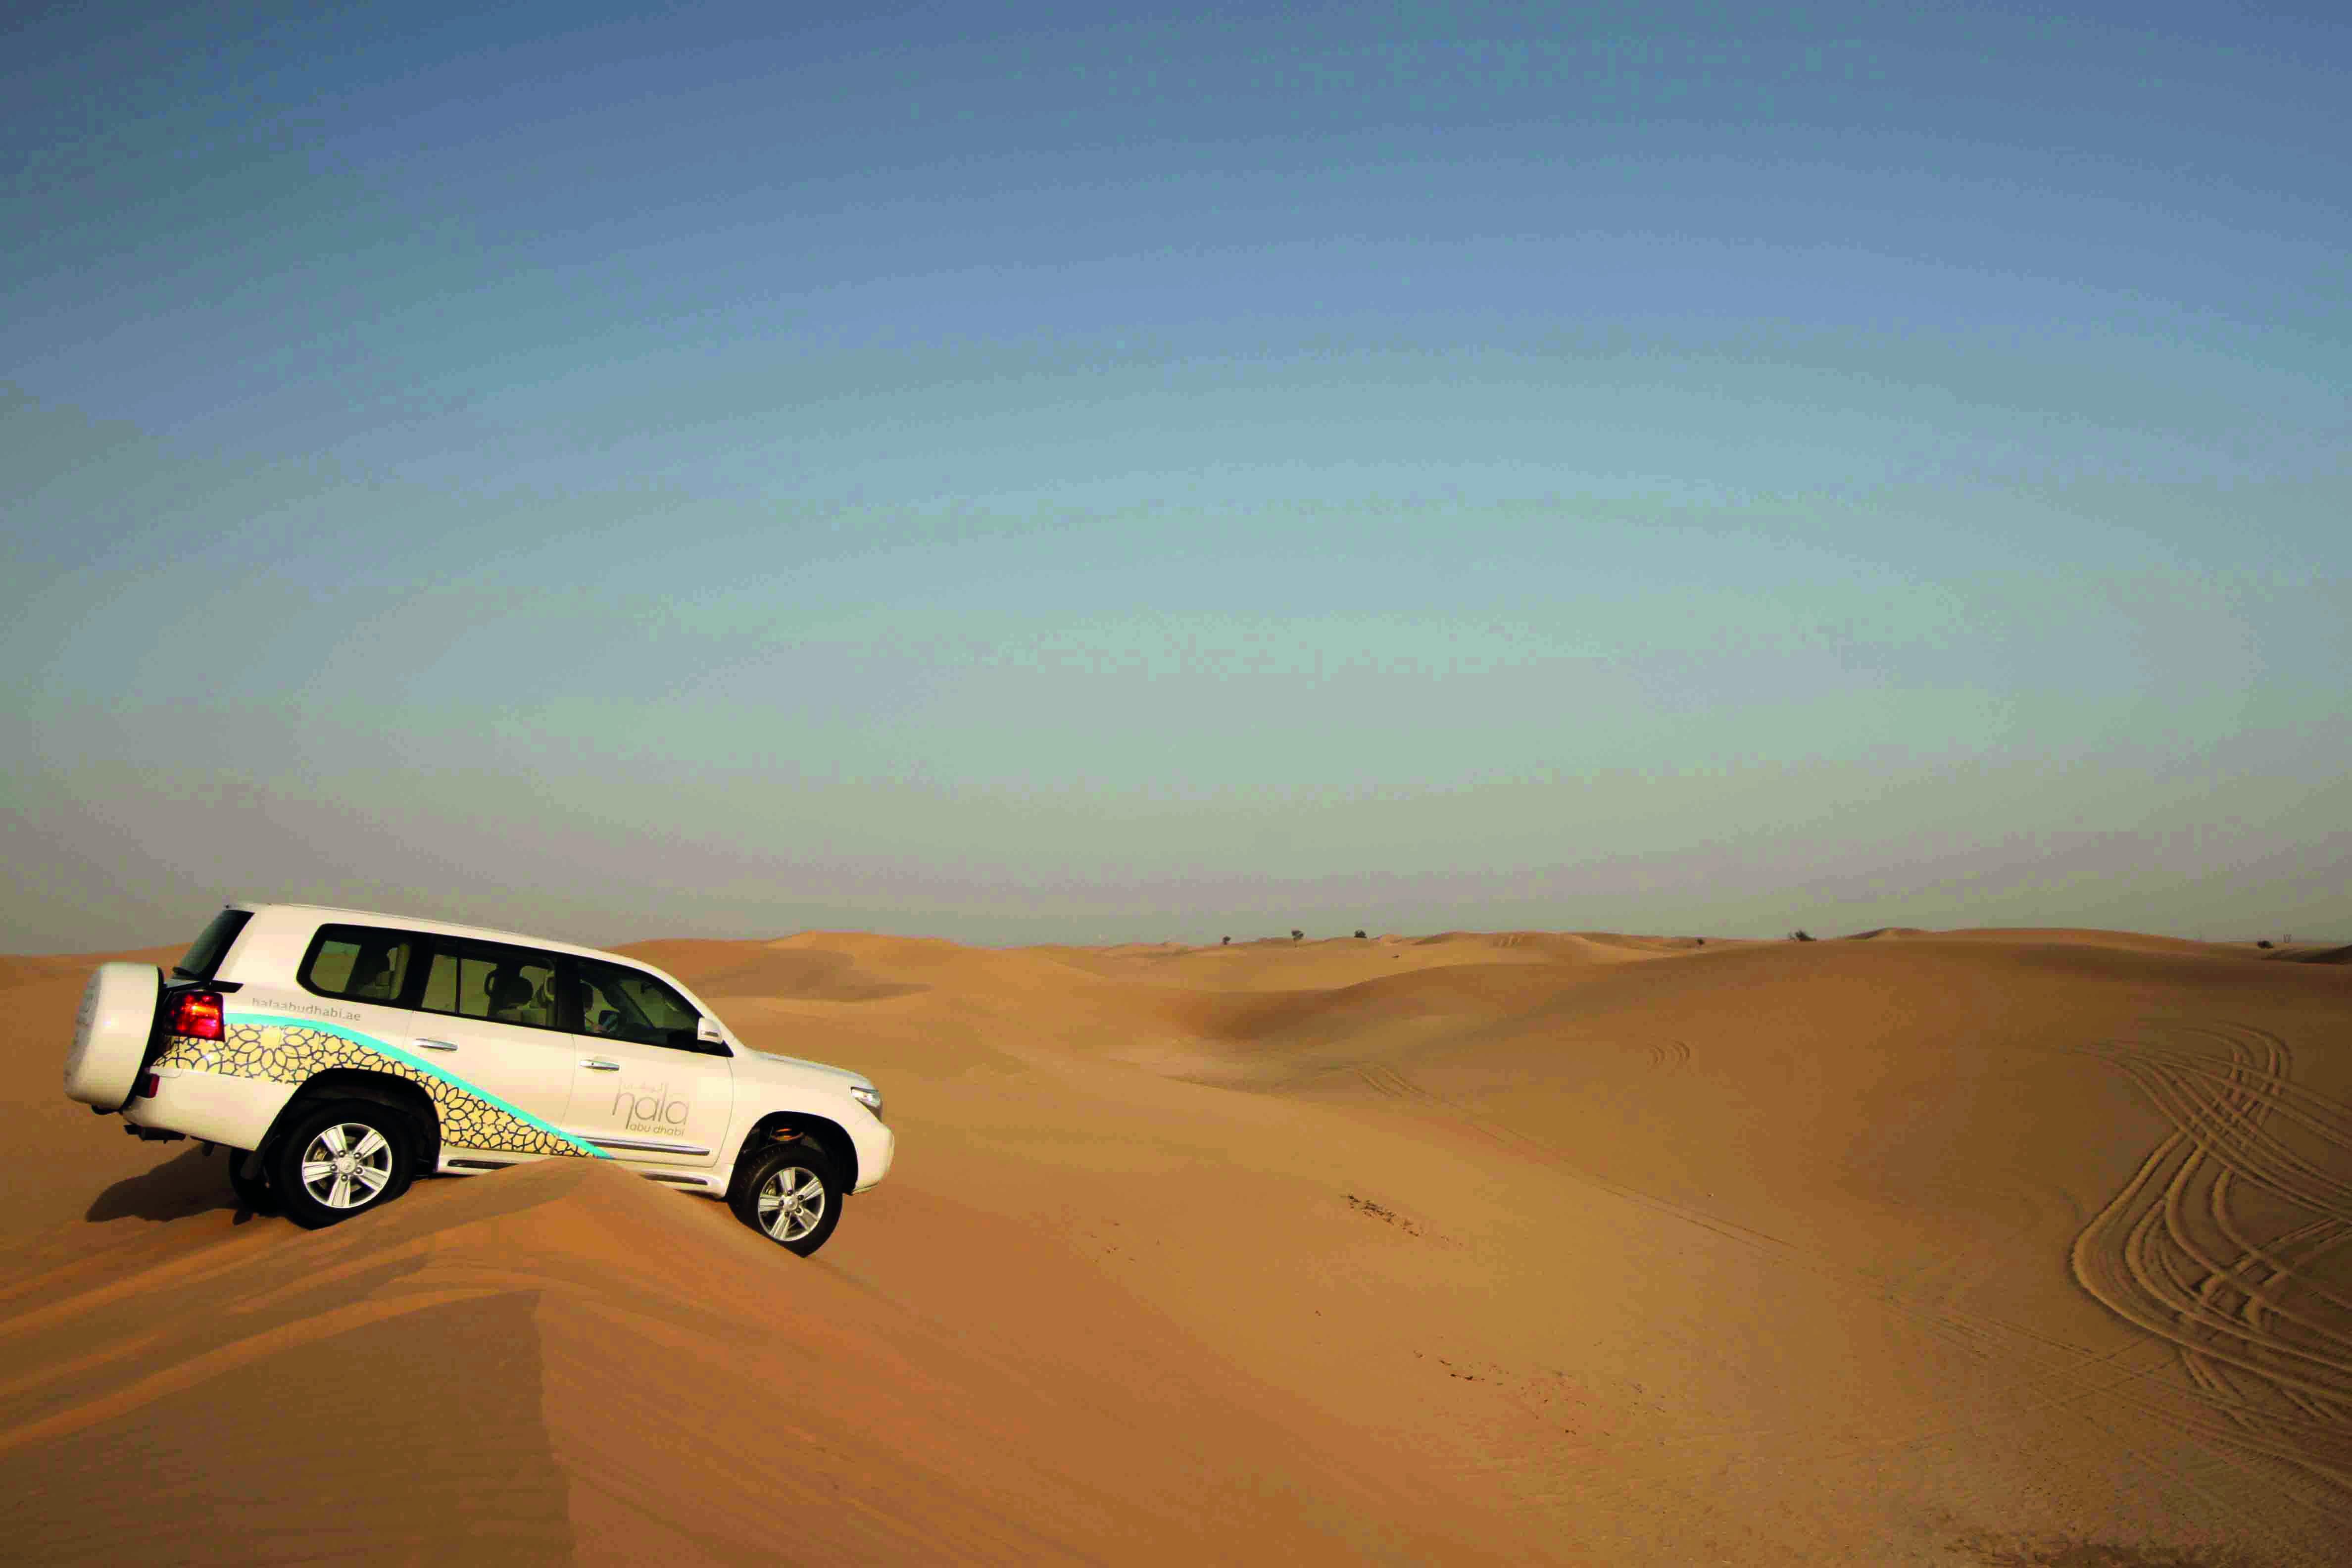 passeio no deserto abu dhabi